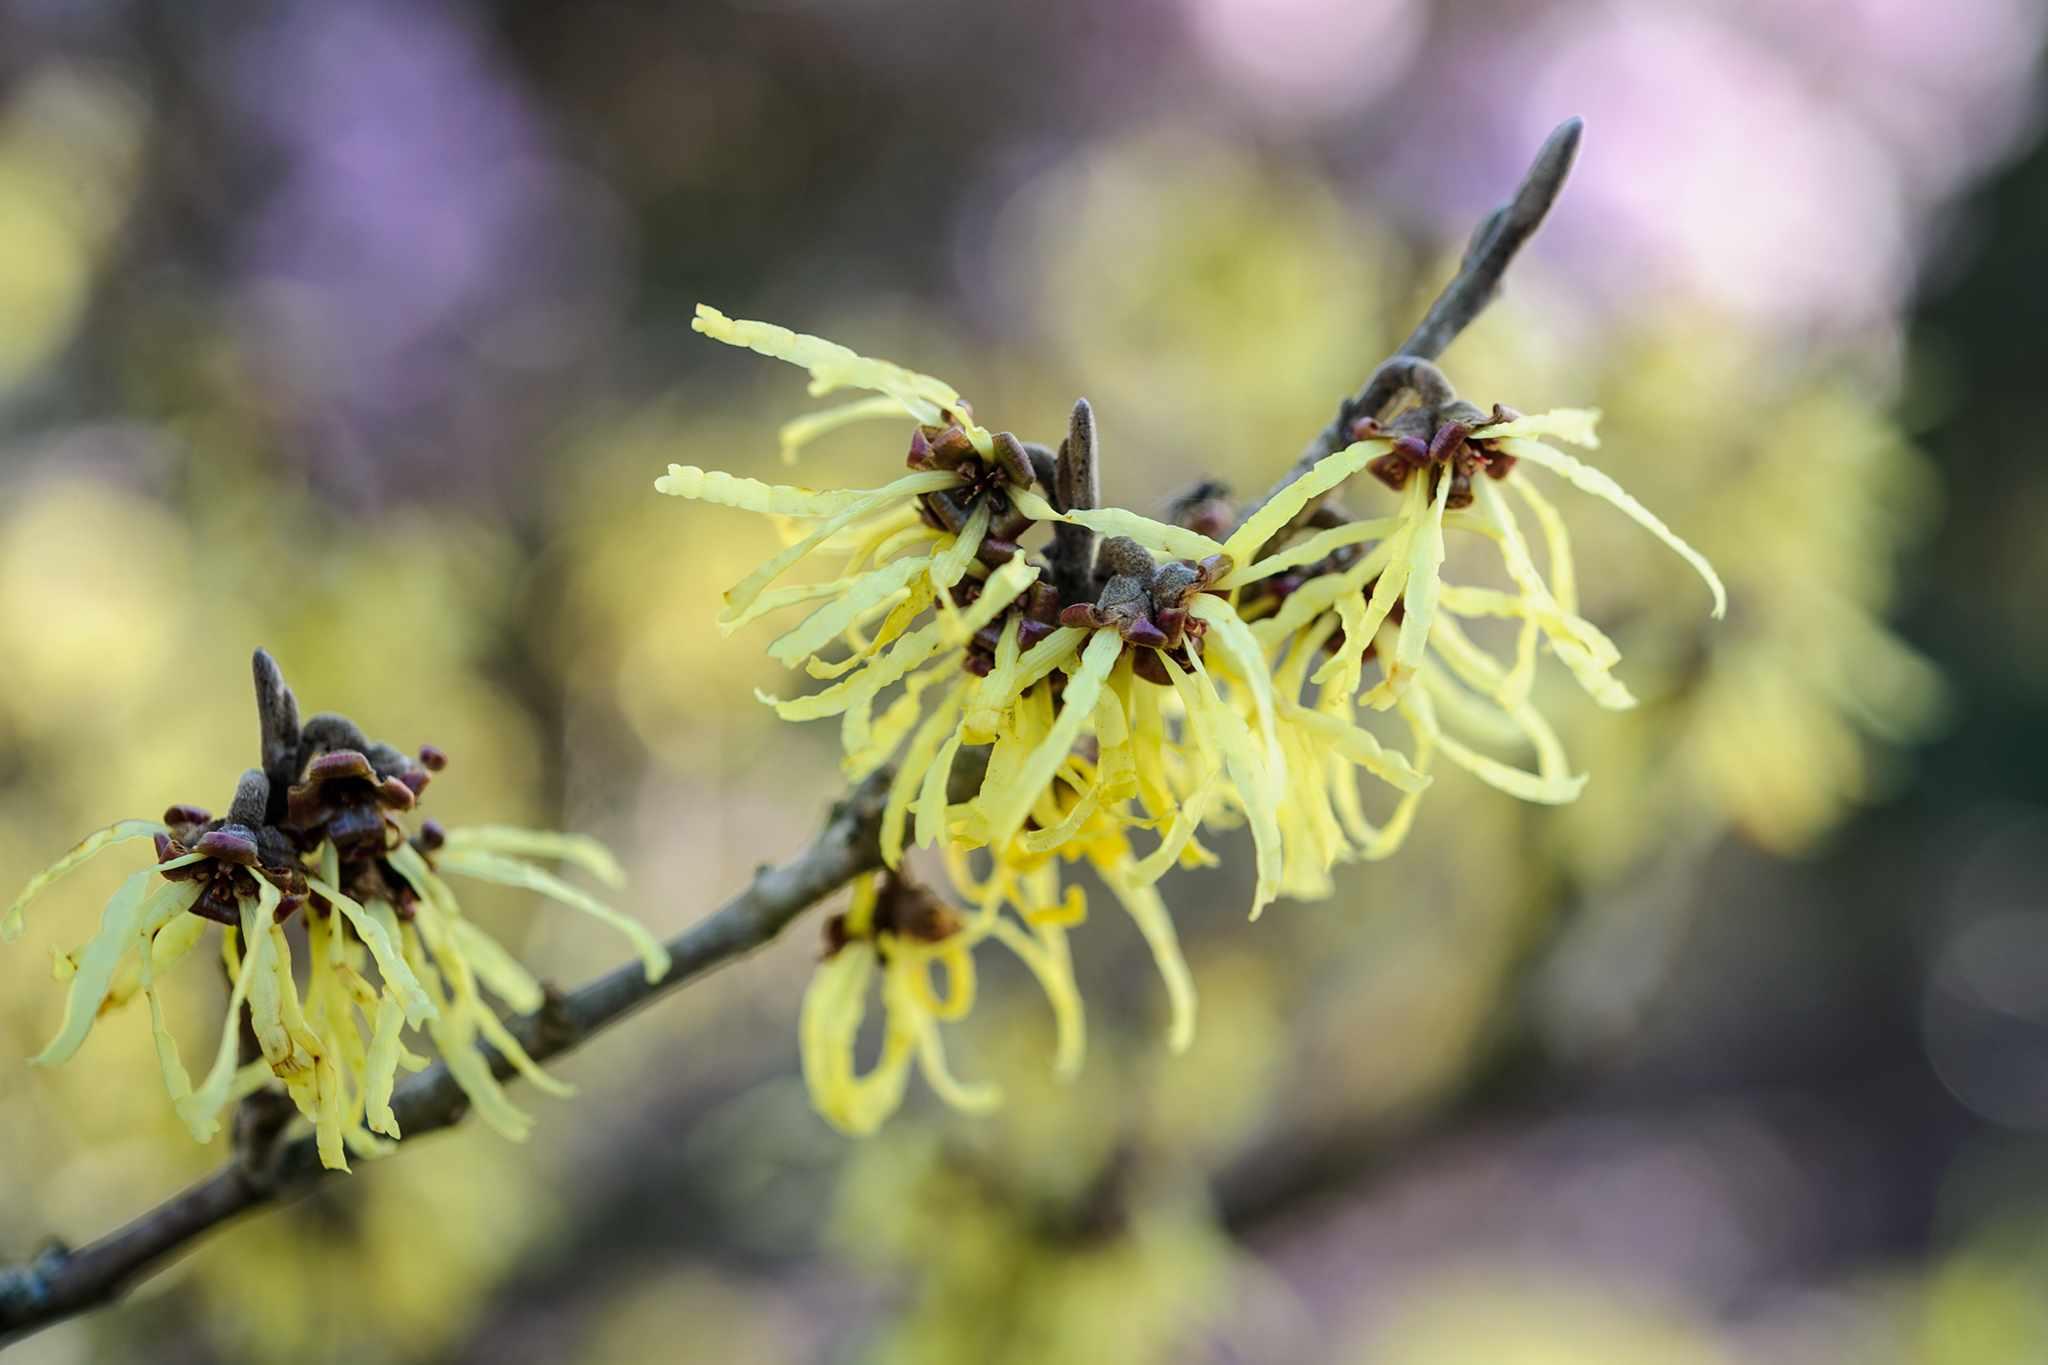 Pale yellow witch hazel flowers